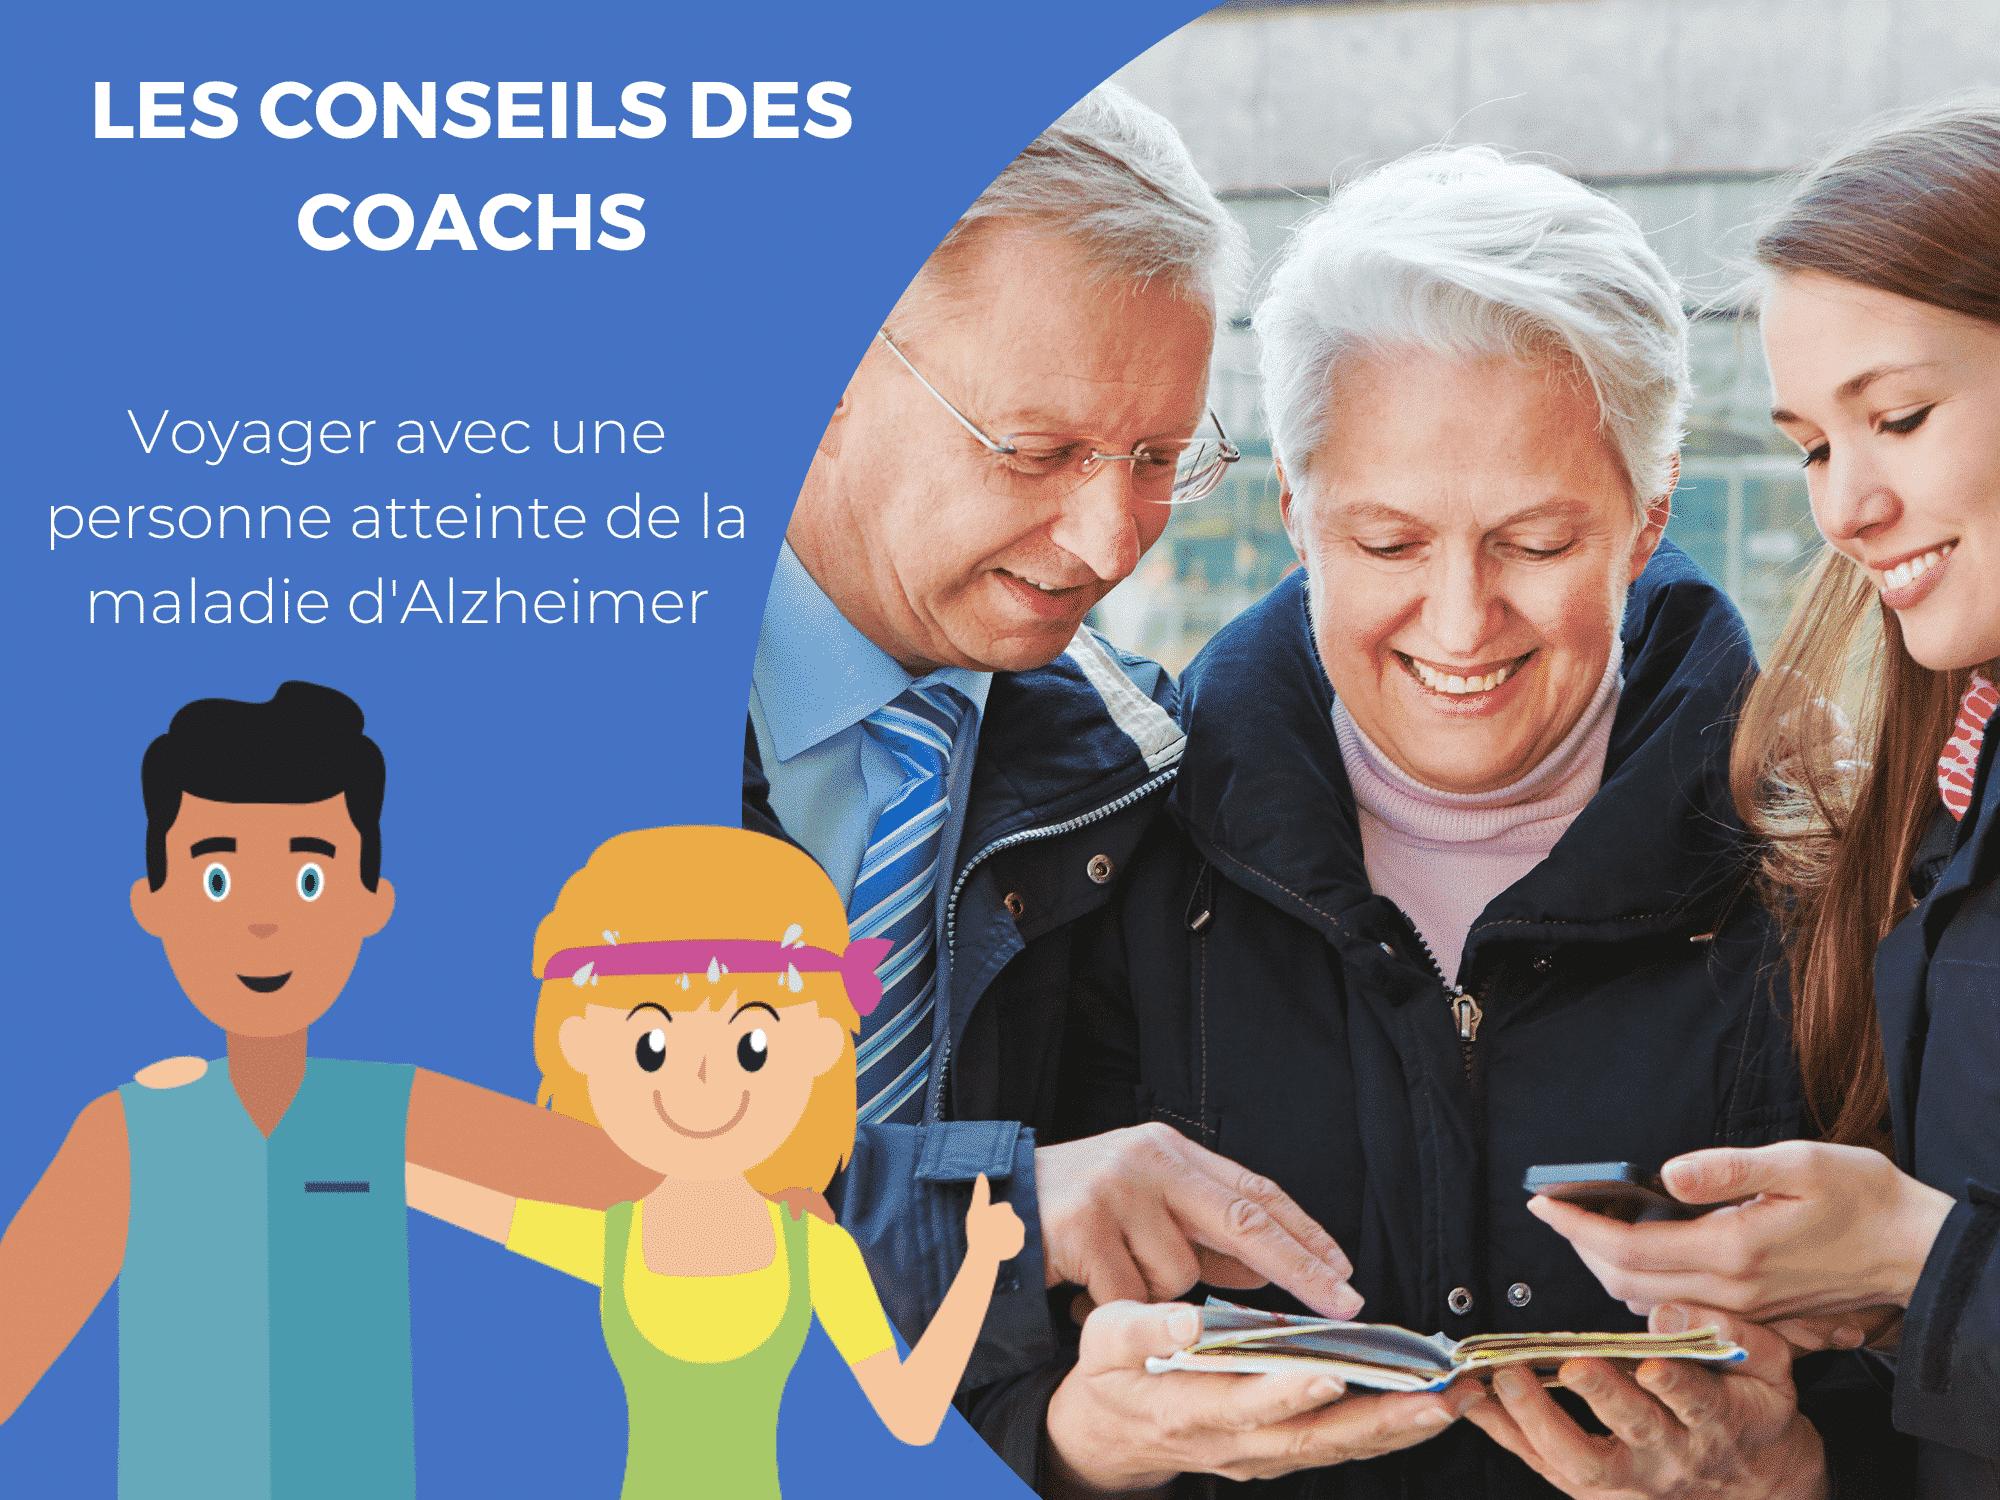 conseils-des-coachs-voyager-alzheimer-edith-entrainement-cerebral-pour-seniors-stimulation-cognitive